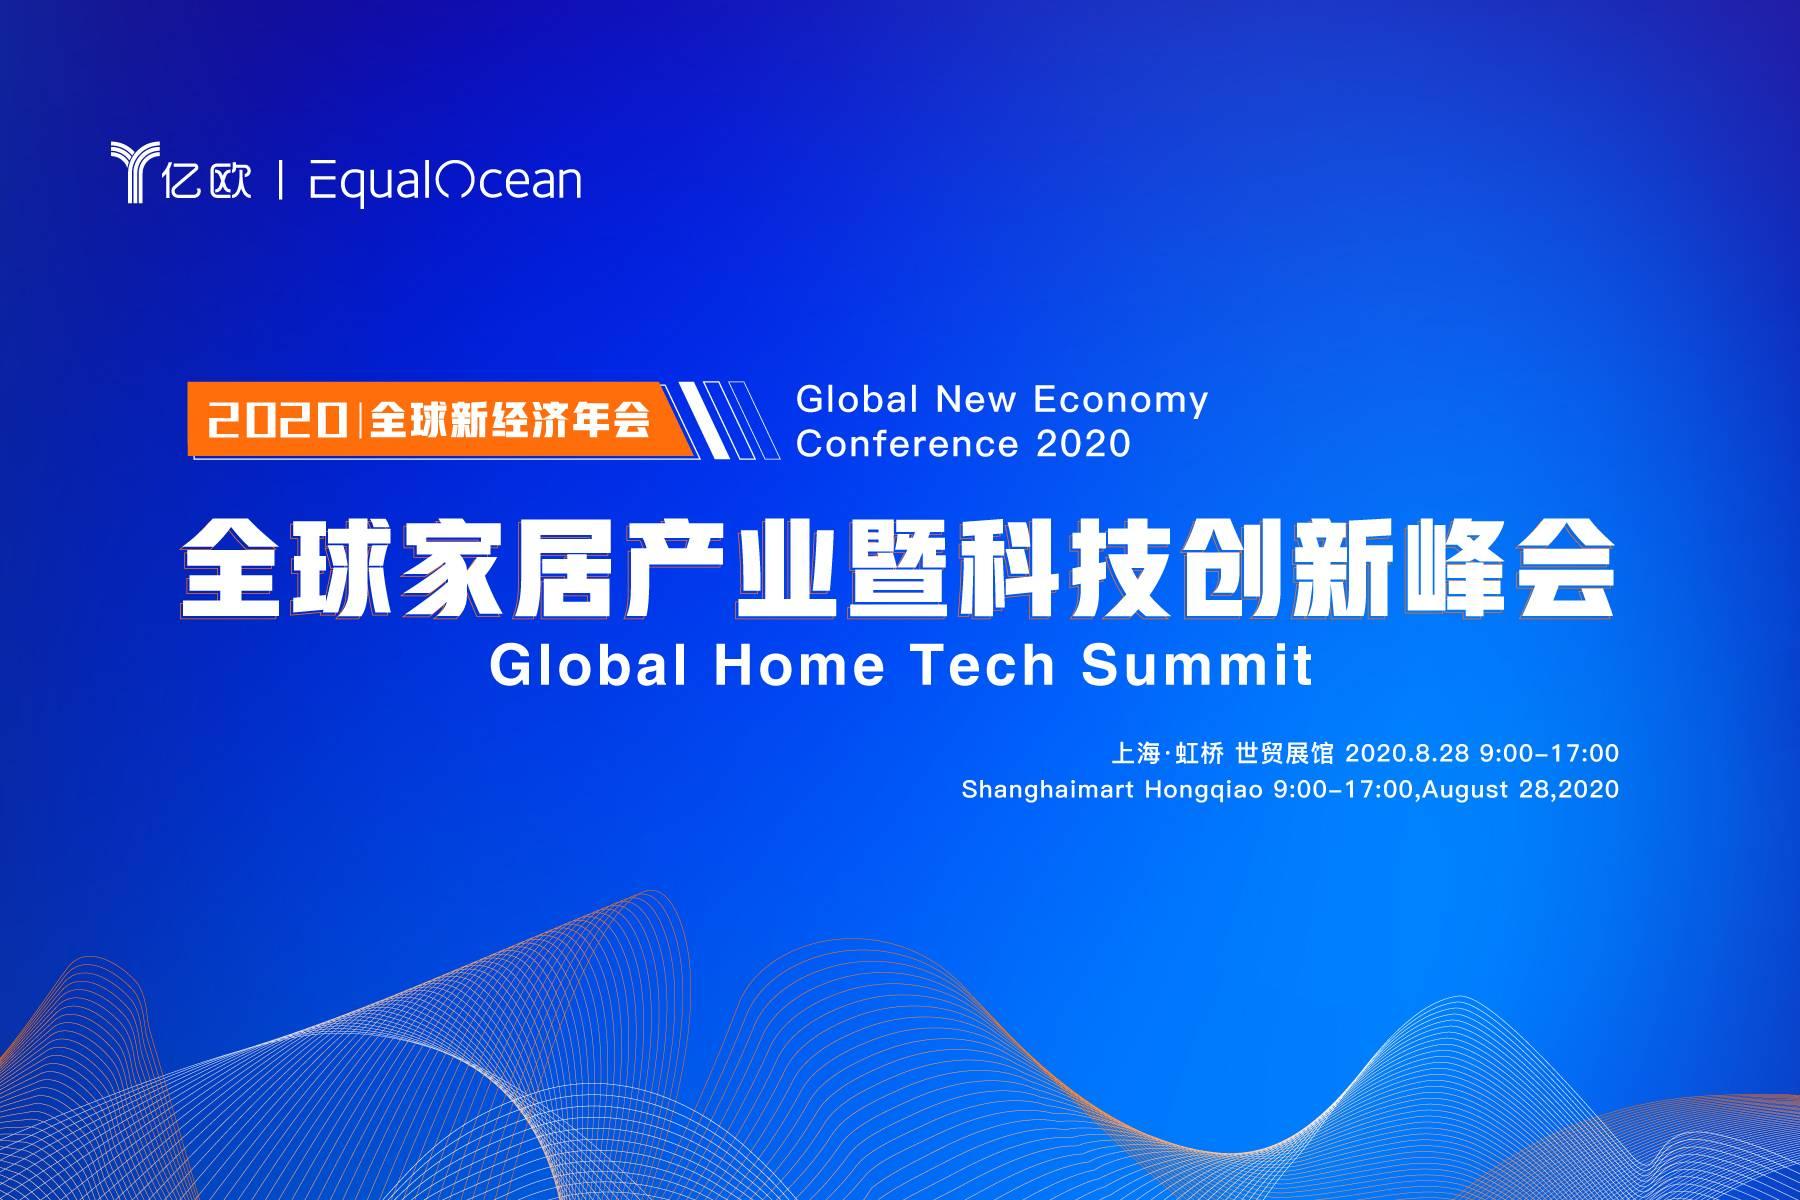 2020全球新经济年会 家居产业创新峰会